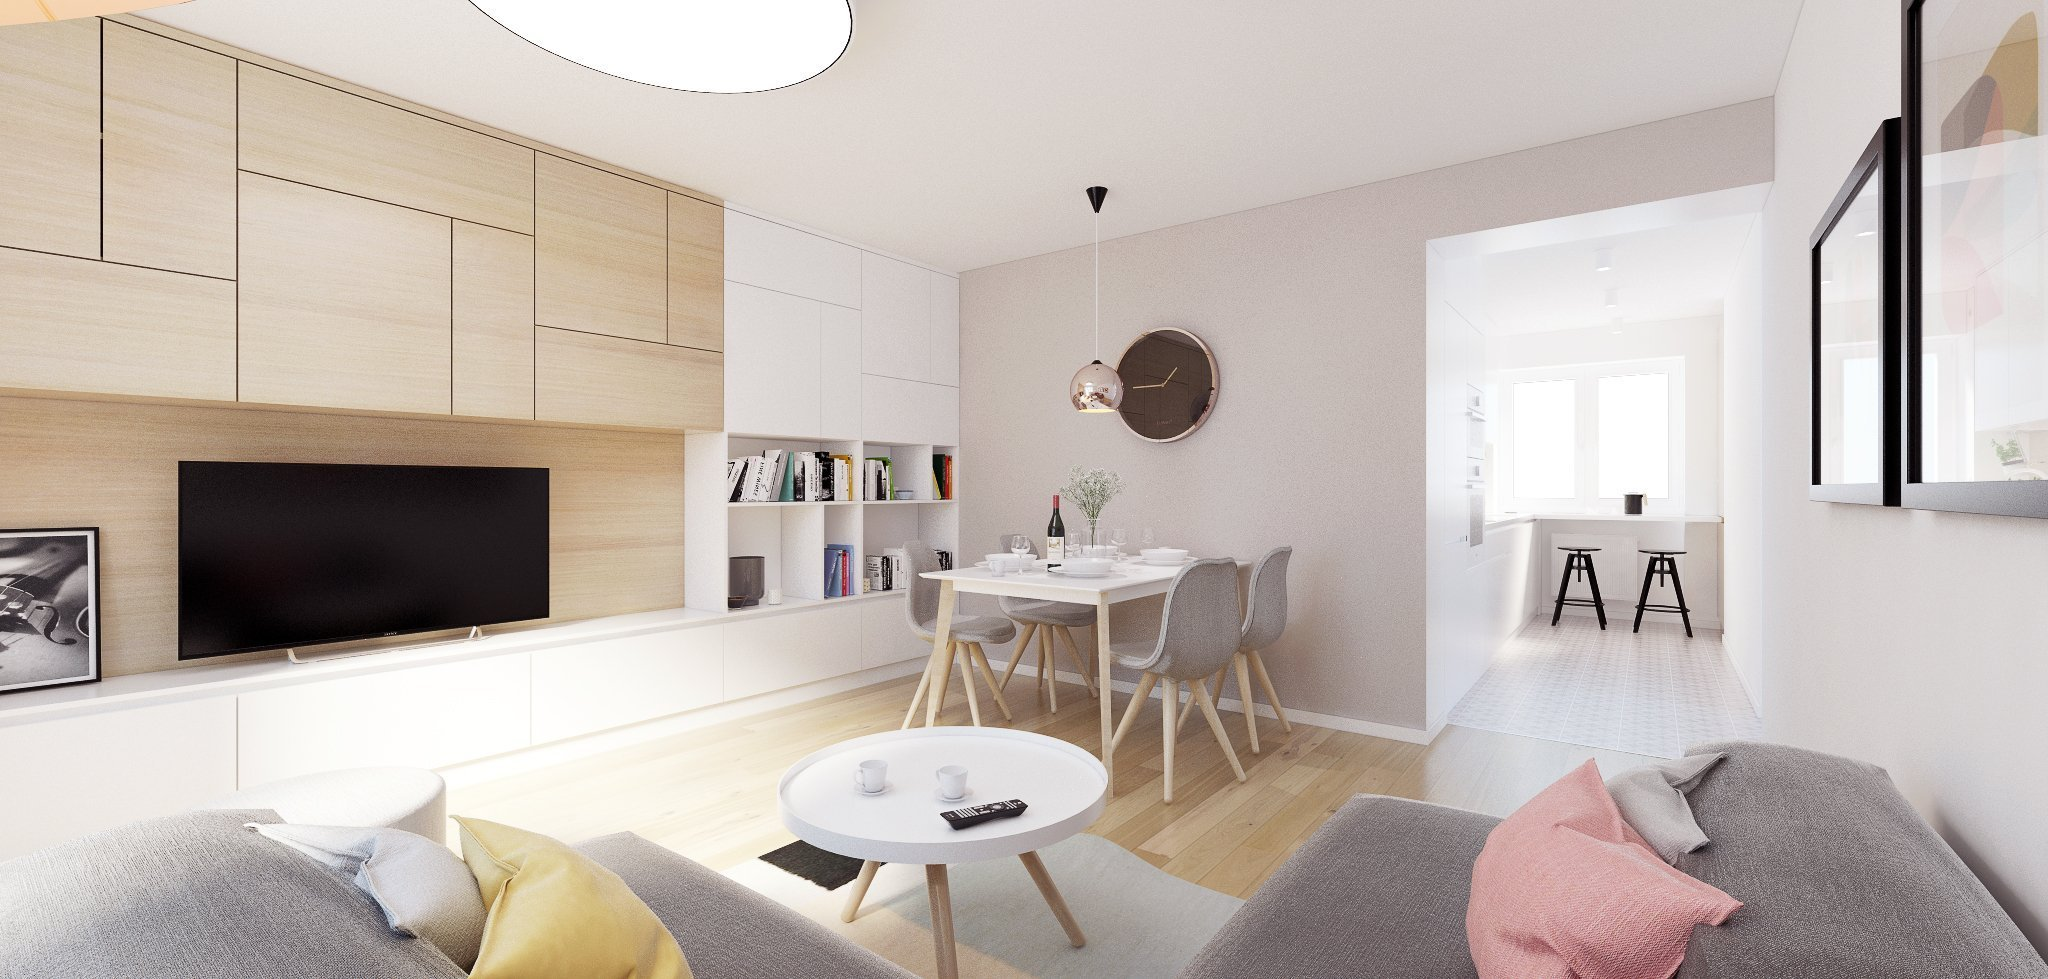 Projekt je špecifický kompletnou rekonštrukciou bytu z 50-tych rokov, ktorý prešiel úpravou dispozície, hlavne v časti kuchyne a kúpeľne, do novej, modernej…